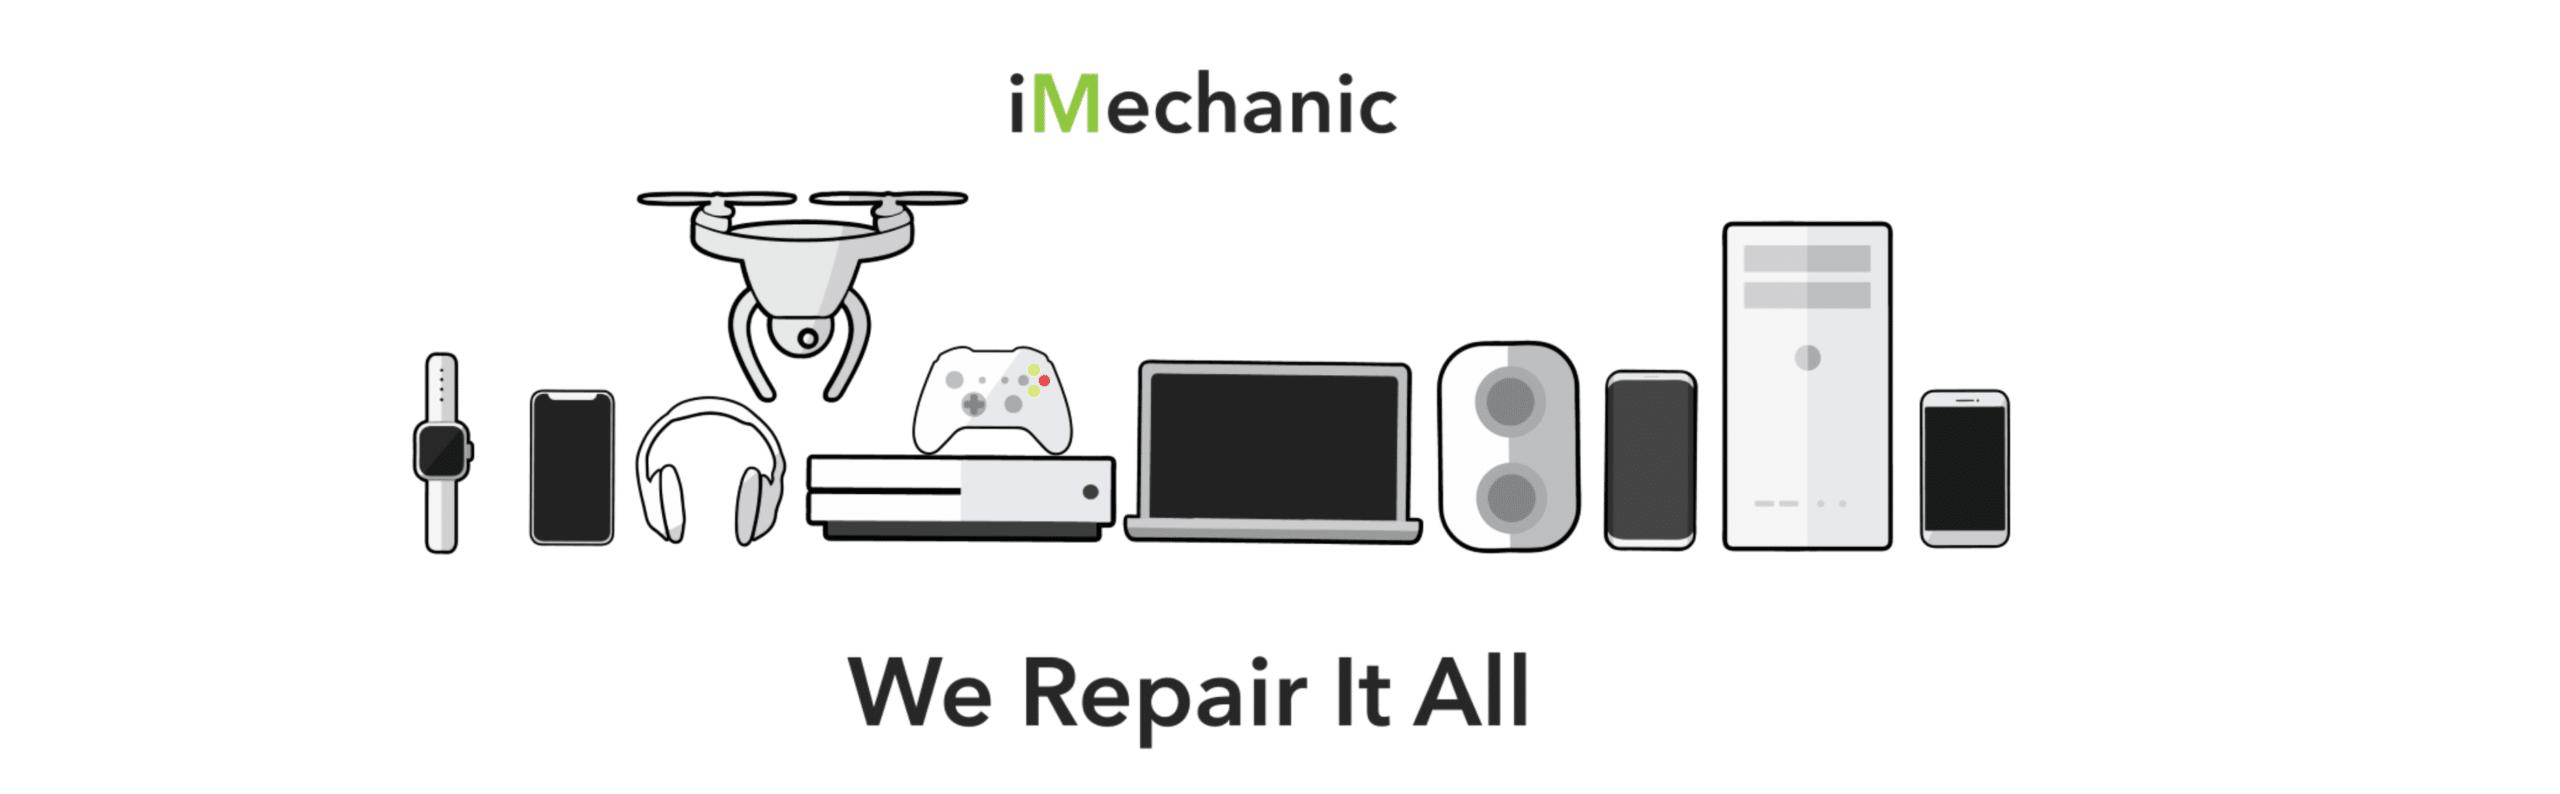 iMechanic we repair it all